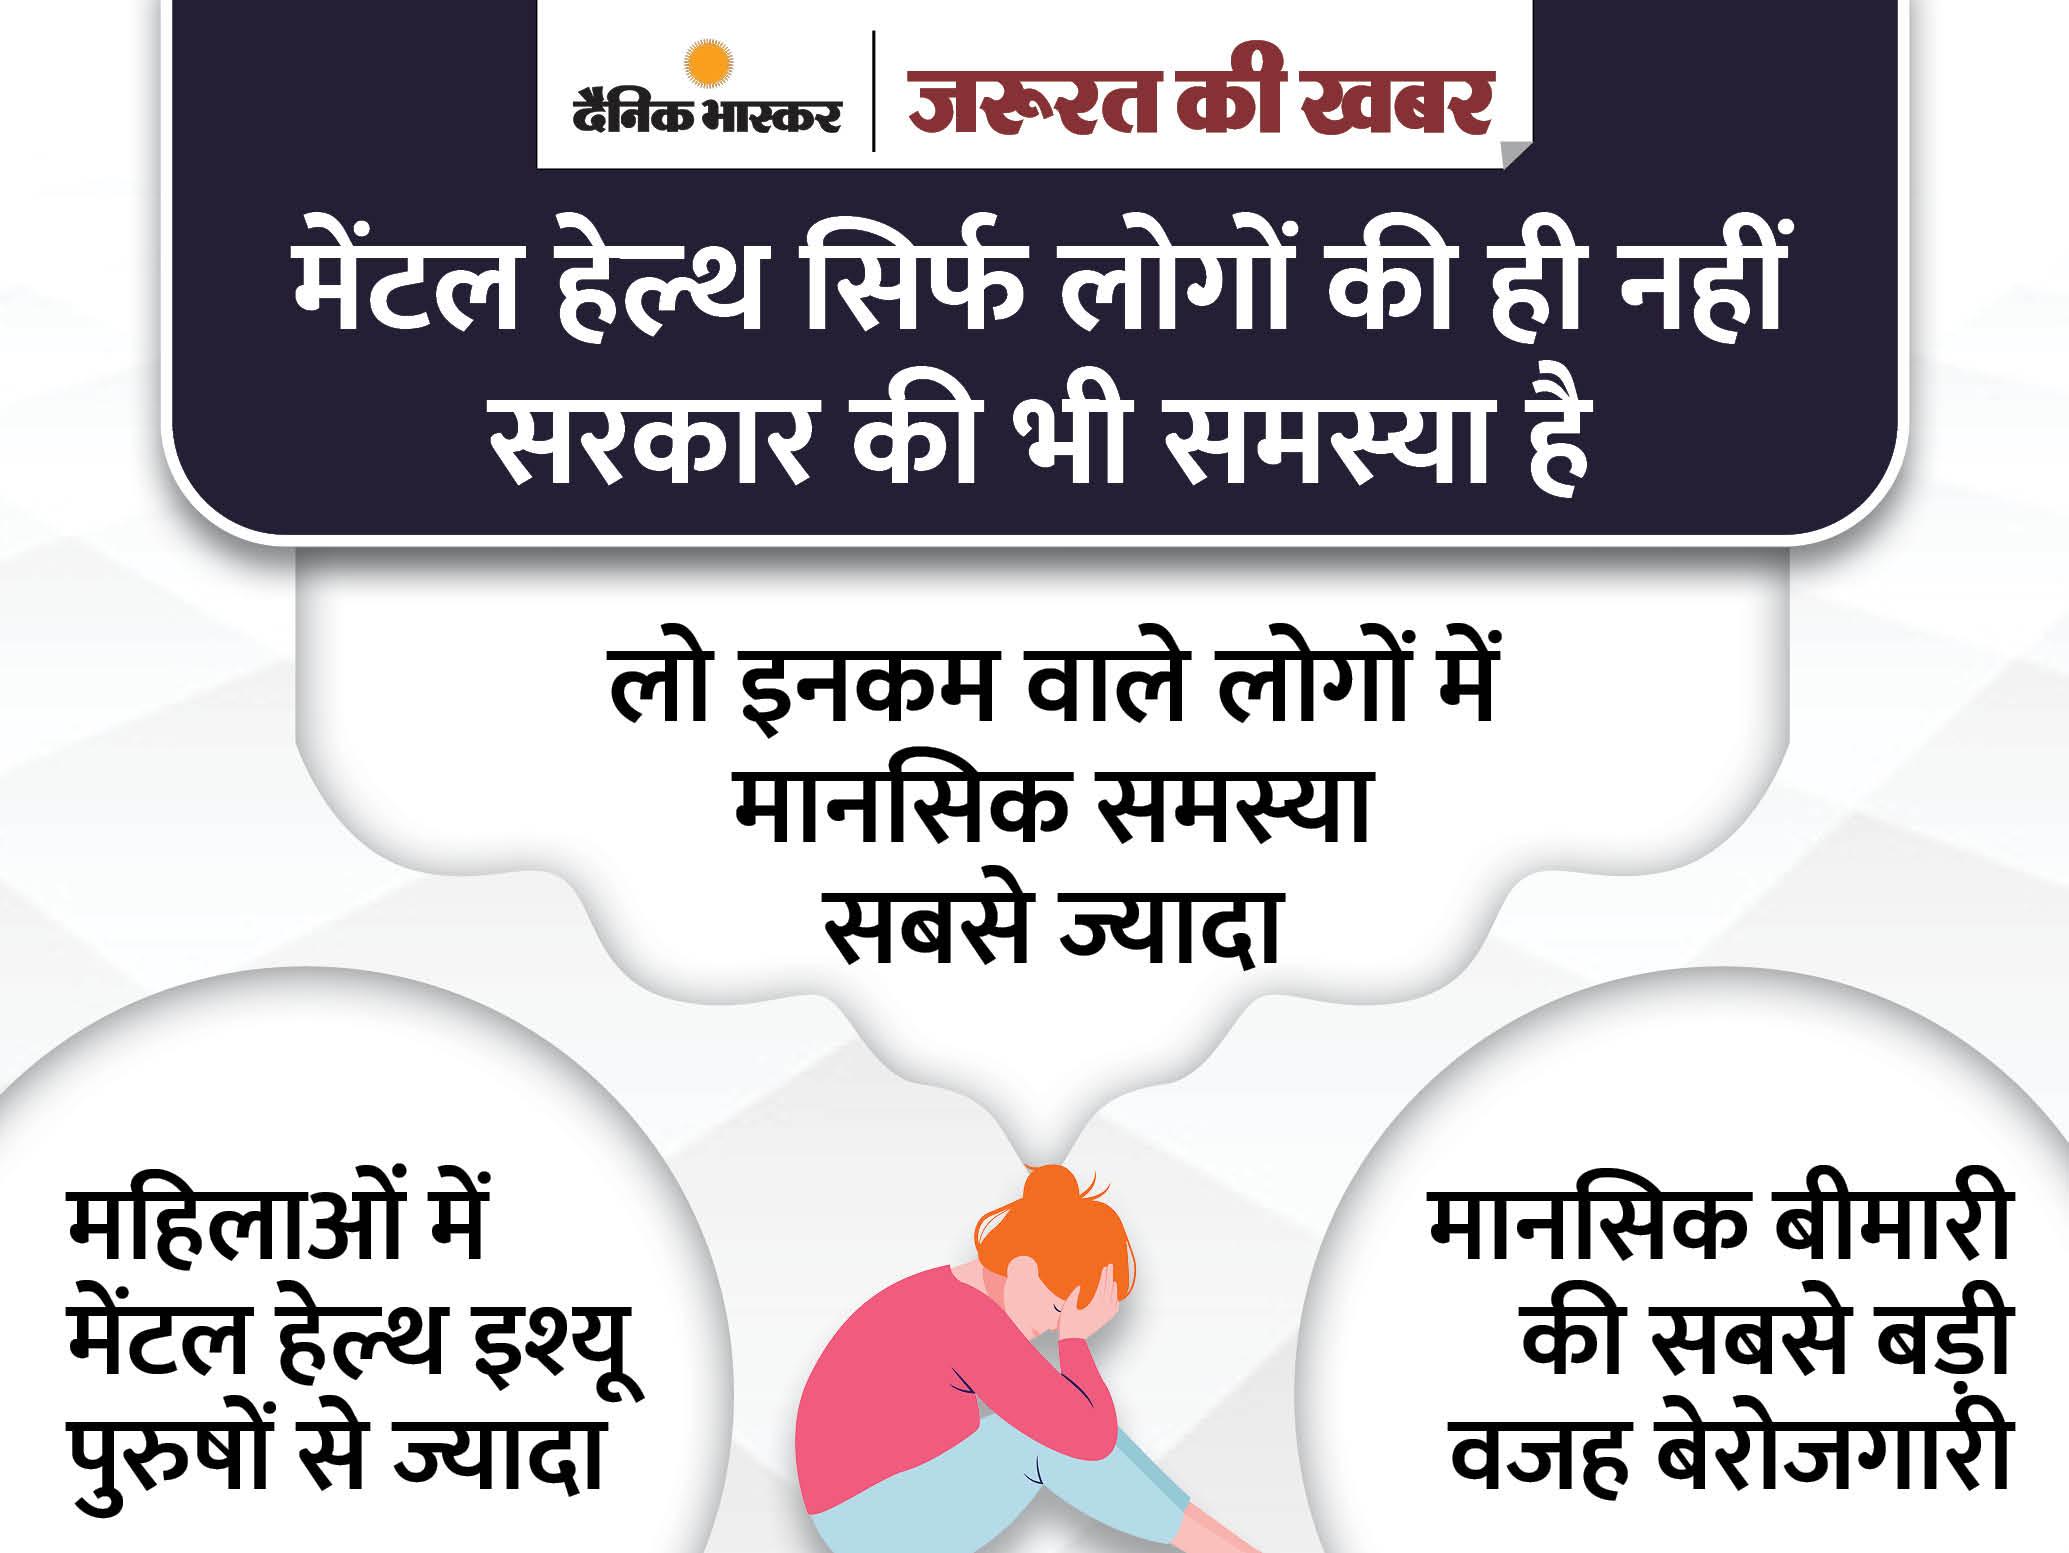 कोरोना टाइम में पुरुषों की तुलना में महिलाएं ज्यादा तनाव में रहीं, कमाई पर भी असर पड़ा; जानिए क्यों ज़रुरत की खबर,Zaroorat ki Khabar - Dainik Bhaskar